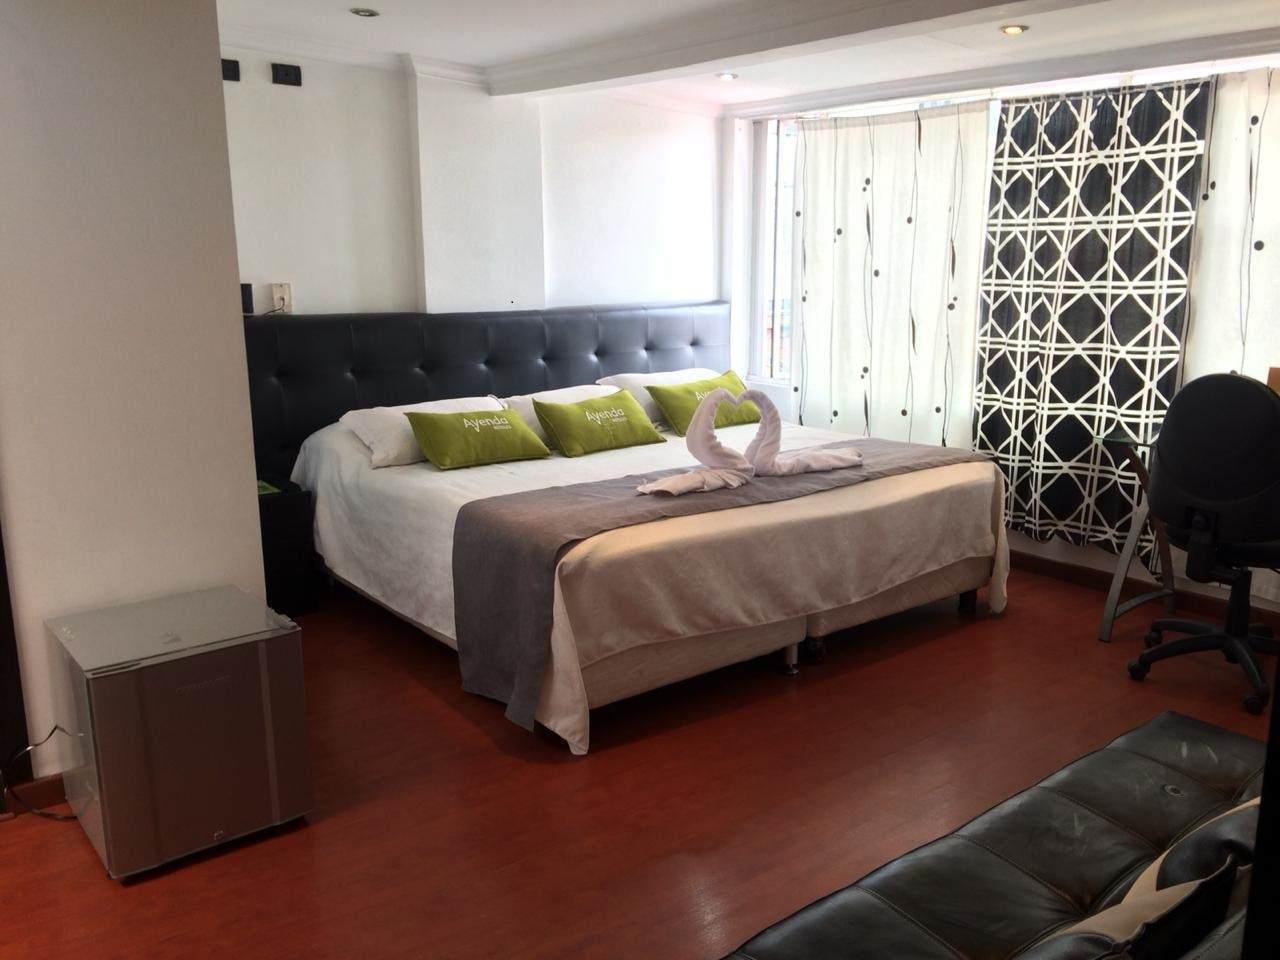 Habitación Matrimonial en Ejecutivo Embajada : MotelNow